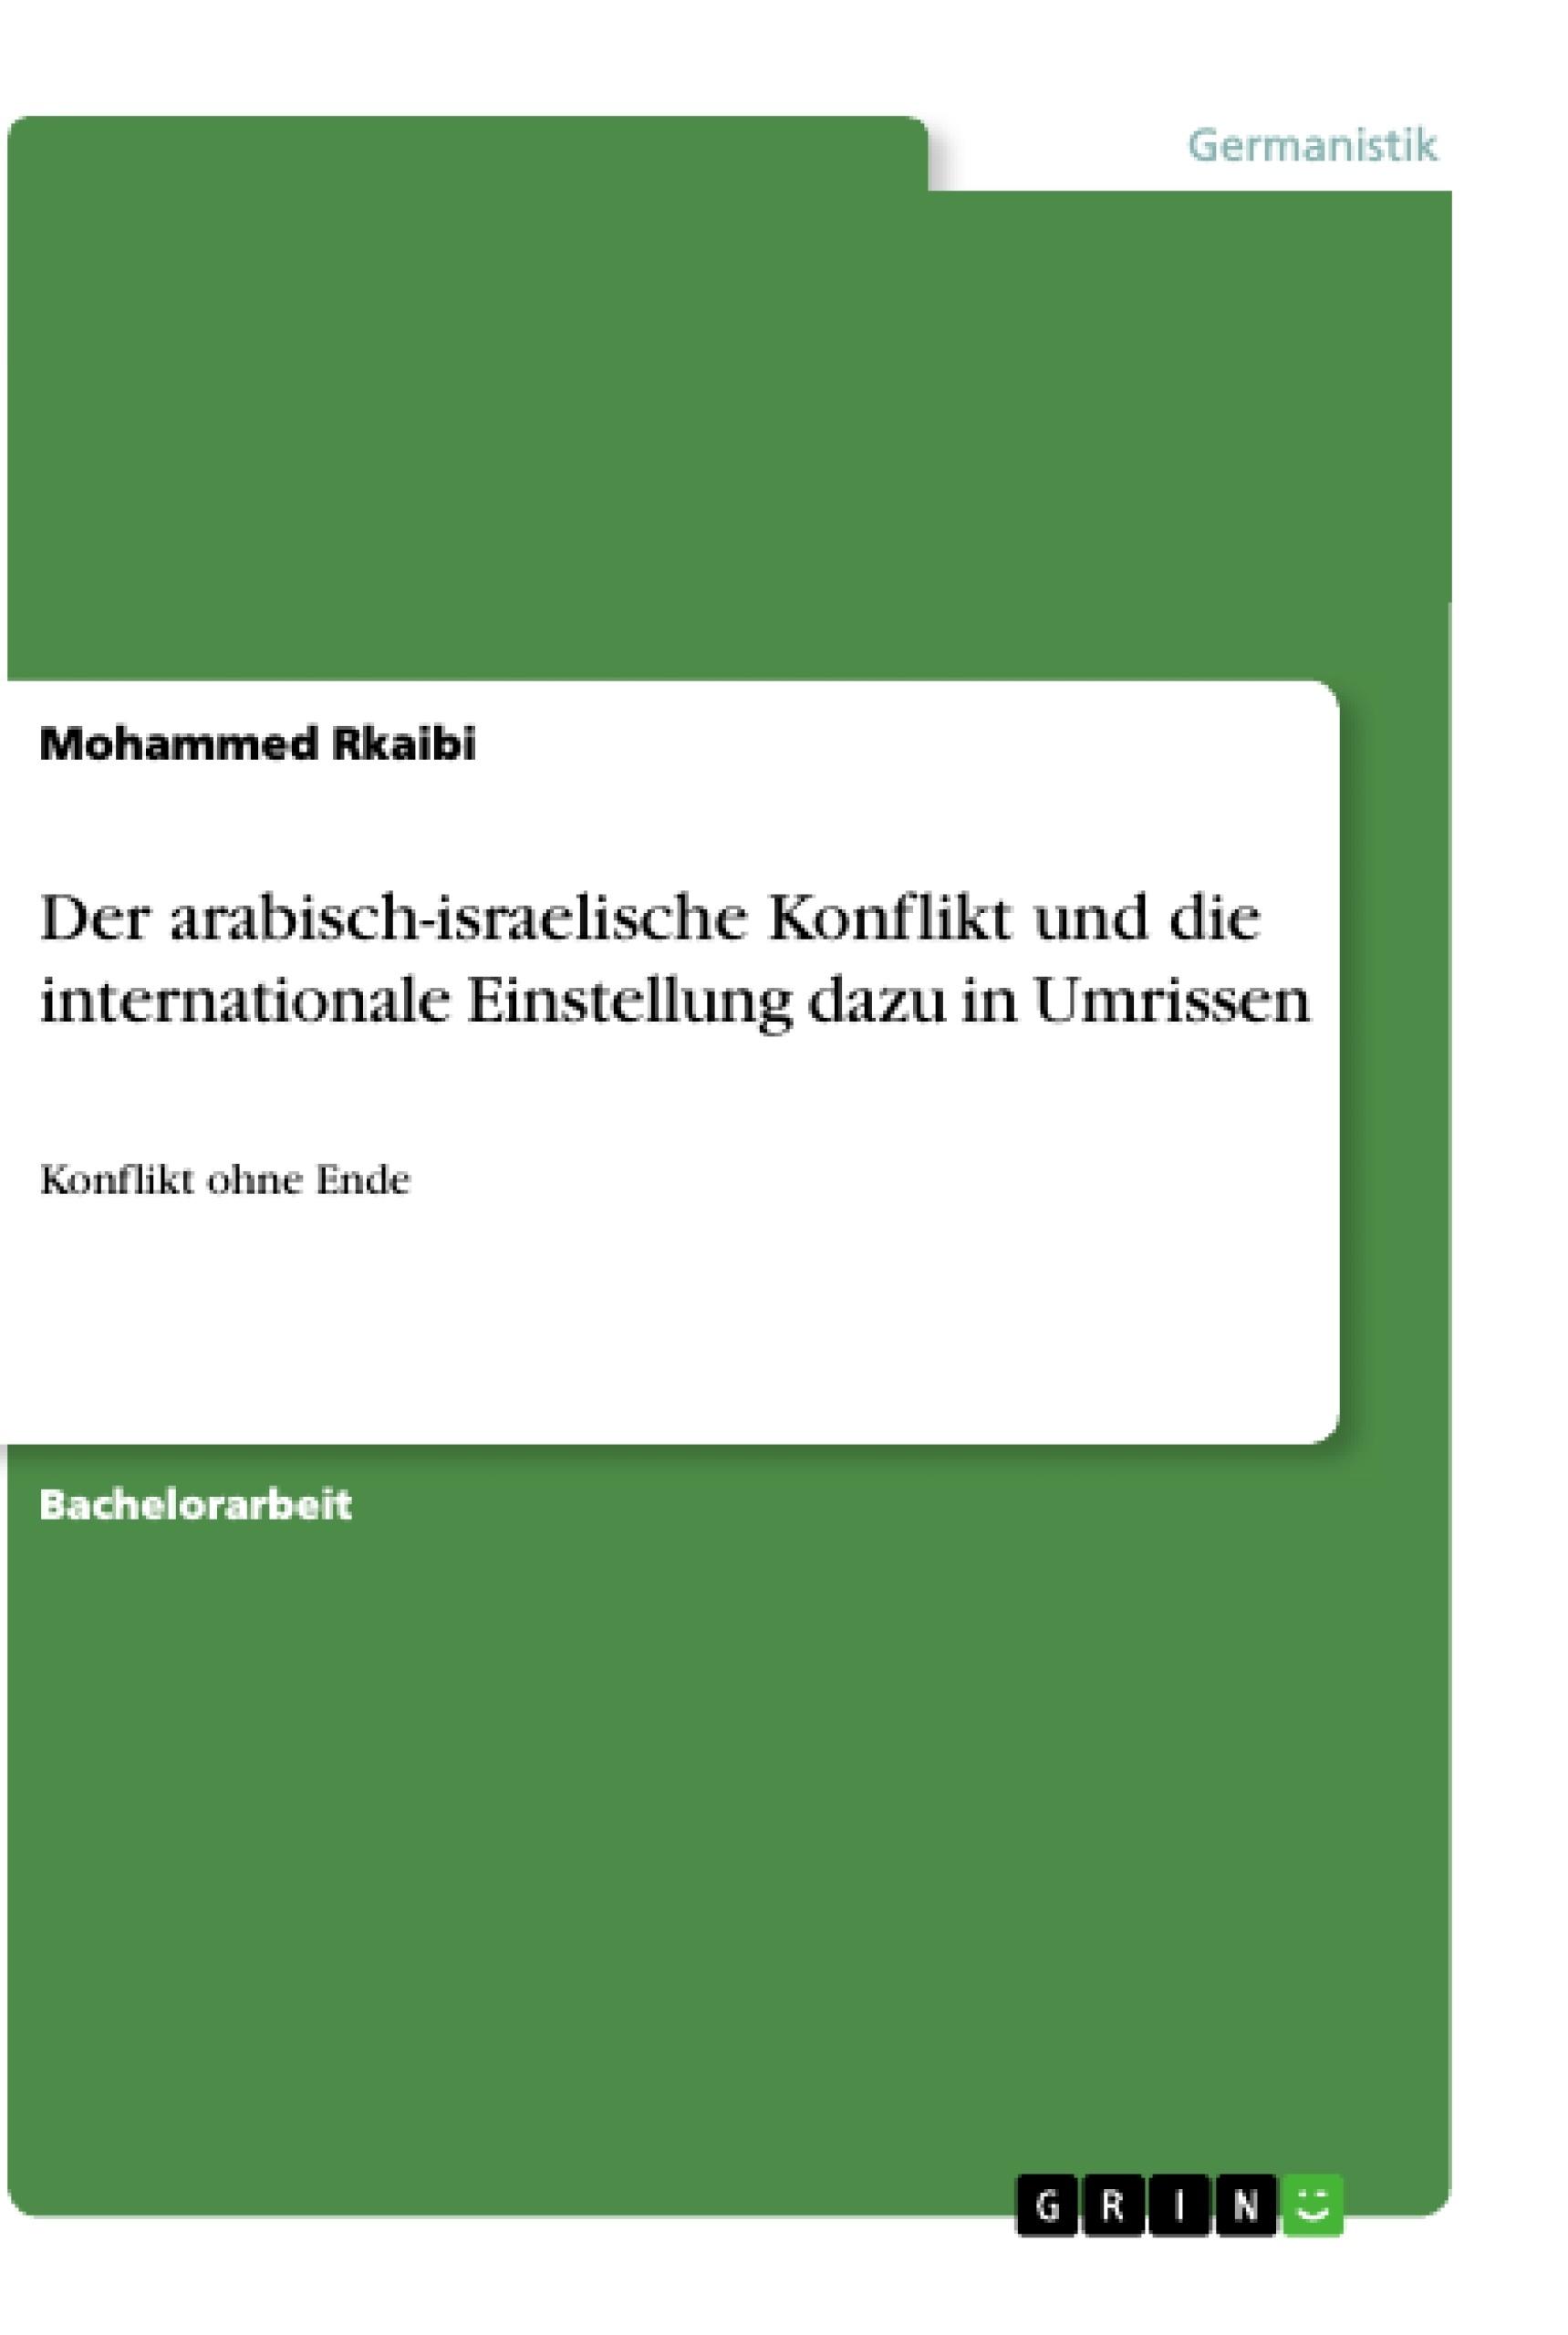 Titel: Der arabisch-israelische Konflikt und die internationale Einstellung dazu in Umrissen